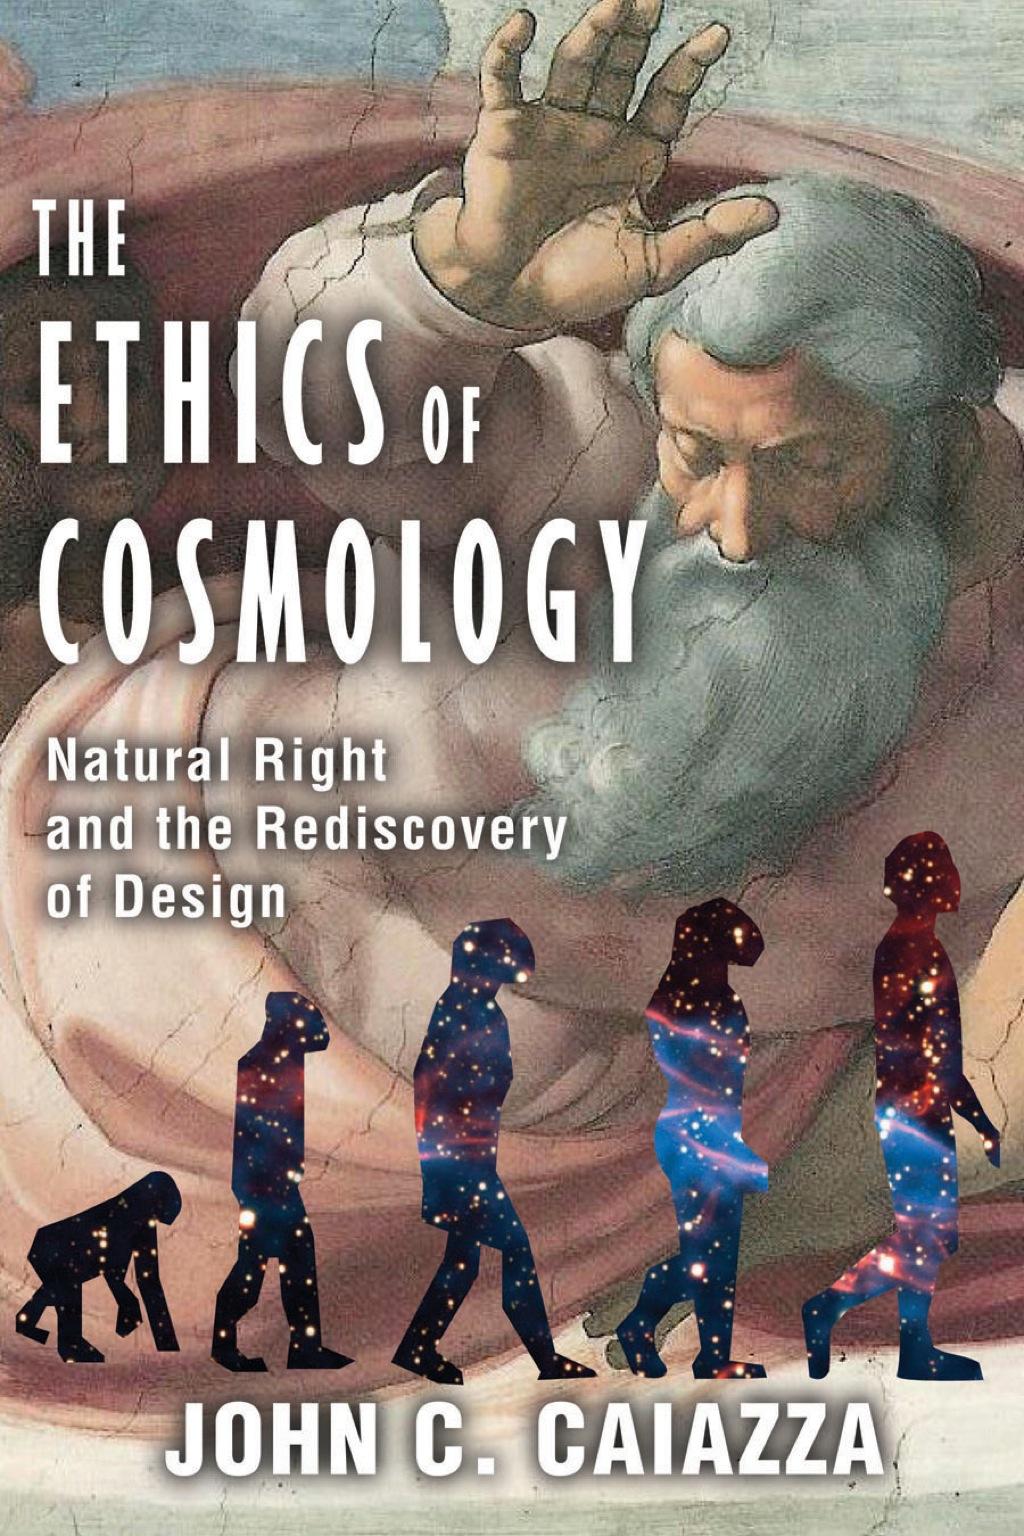 The Ethics of Cosmology (eBook)